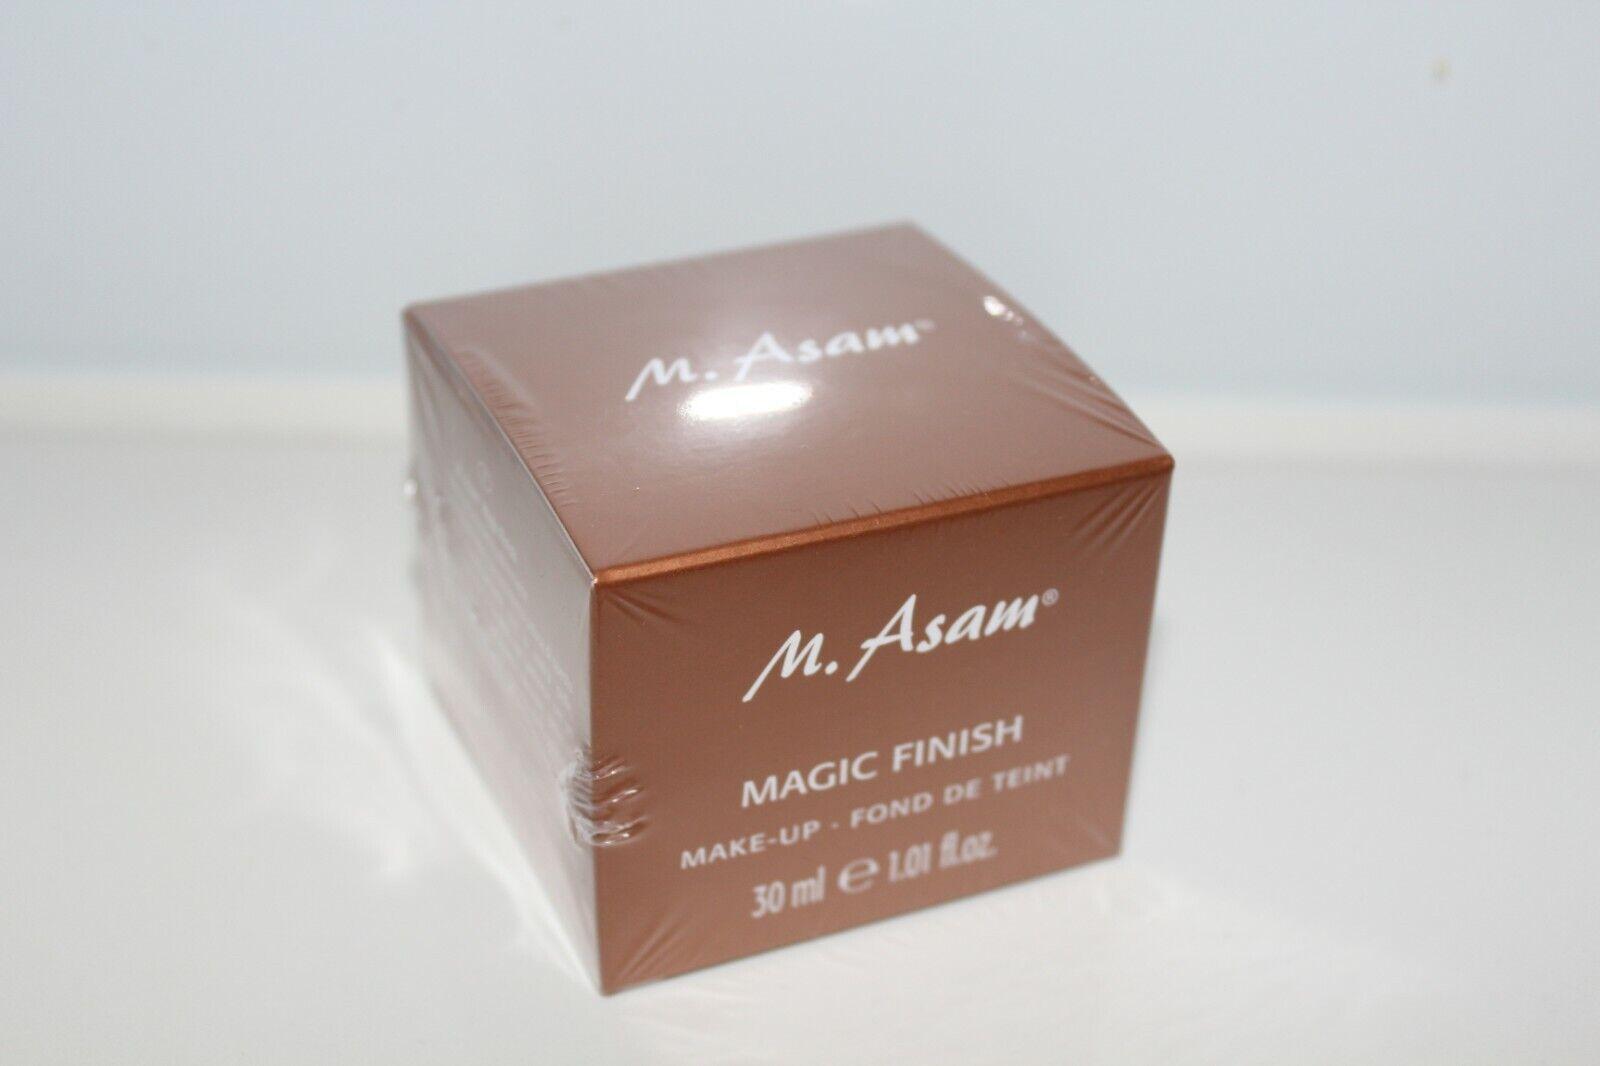 M.ASAM  Magic Finish Make-up Mousse 30 ml neu in OVP Ungeöffnet